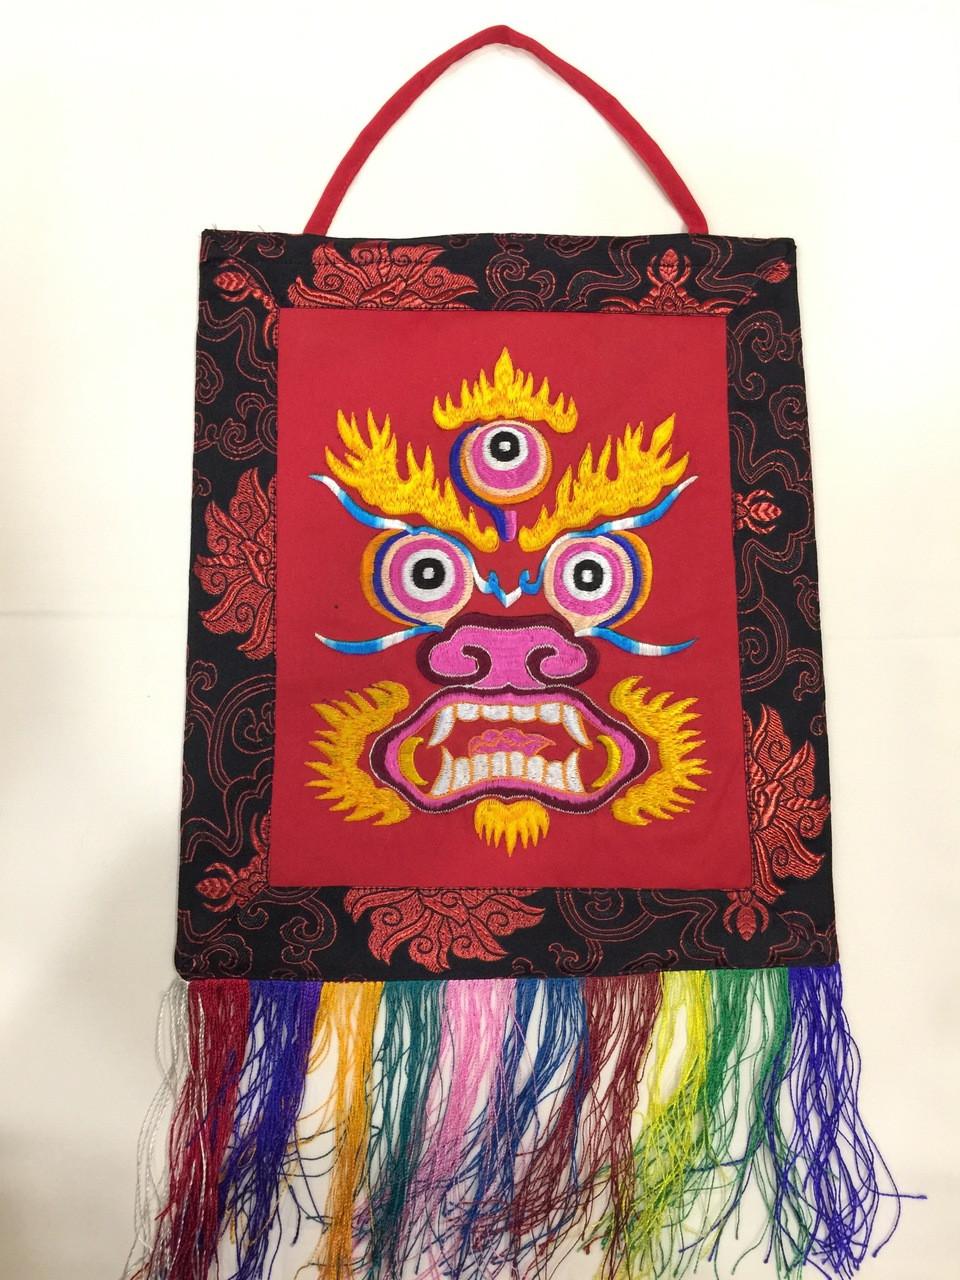 Tibetan buddhist hand embroided red mahakala wall hanging / banner / thangka